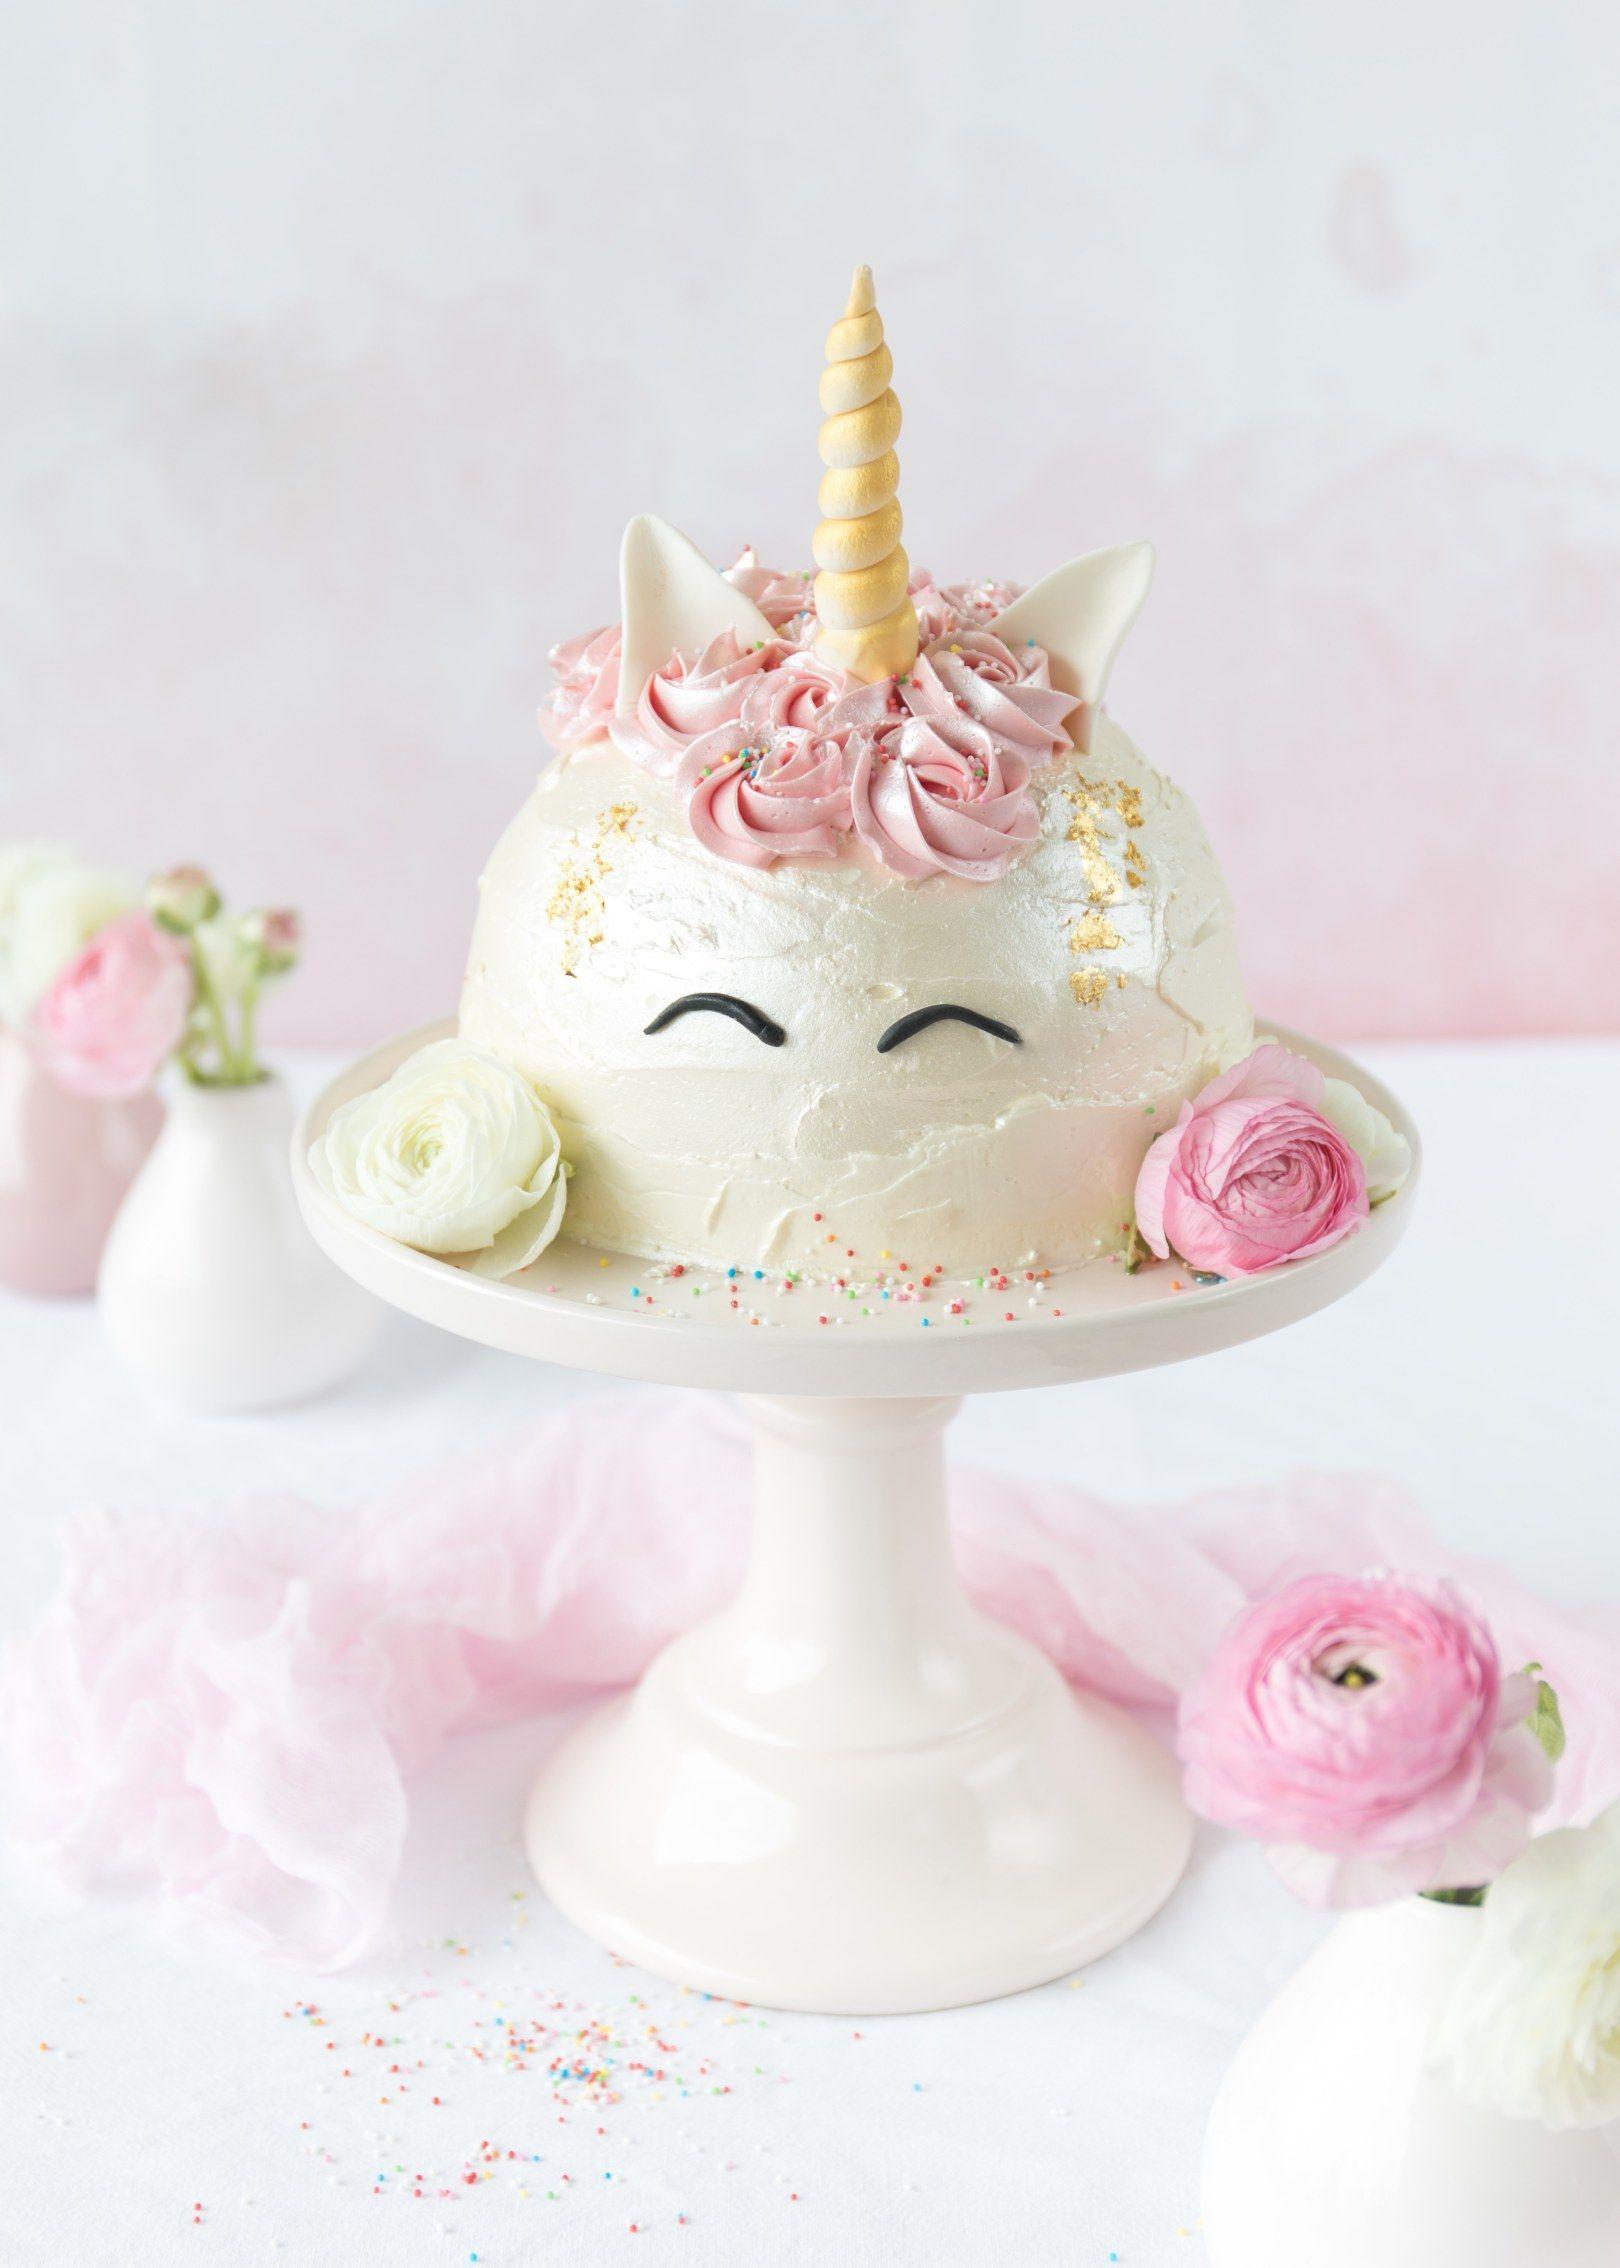 Einhorn Torte Zum Bloggeburtstag Von Feines Handwerk